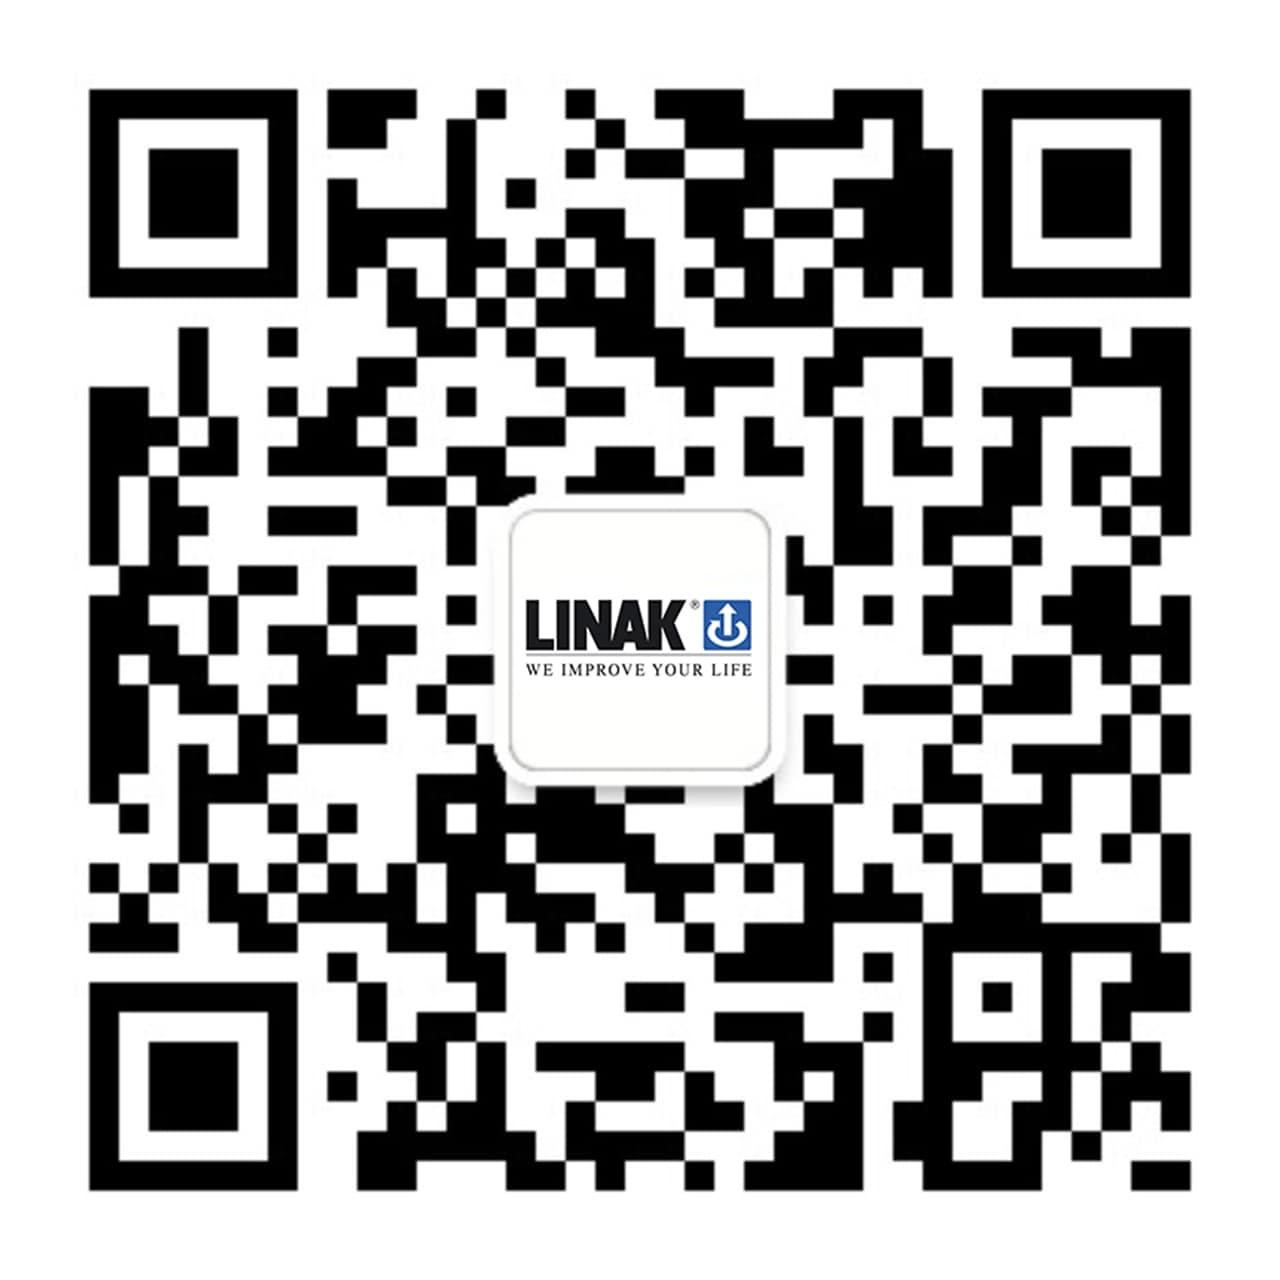 LINAK Kina Weixin